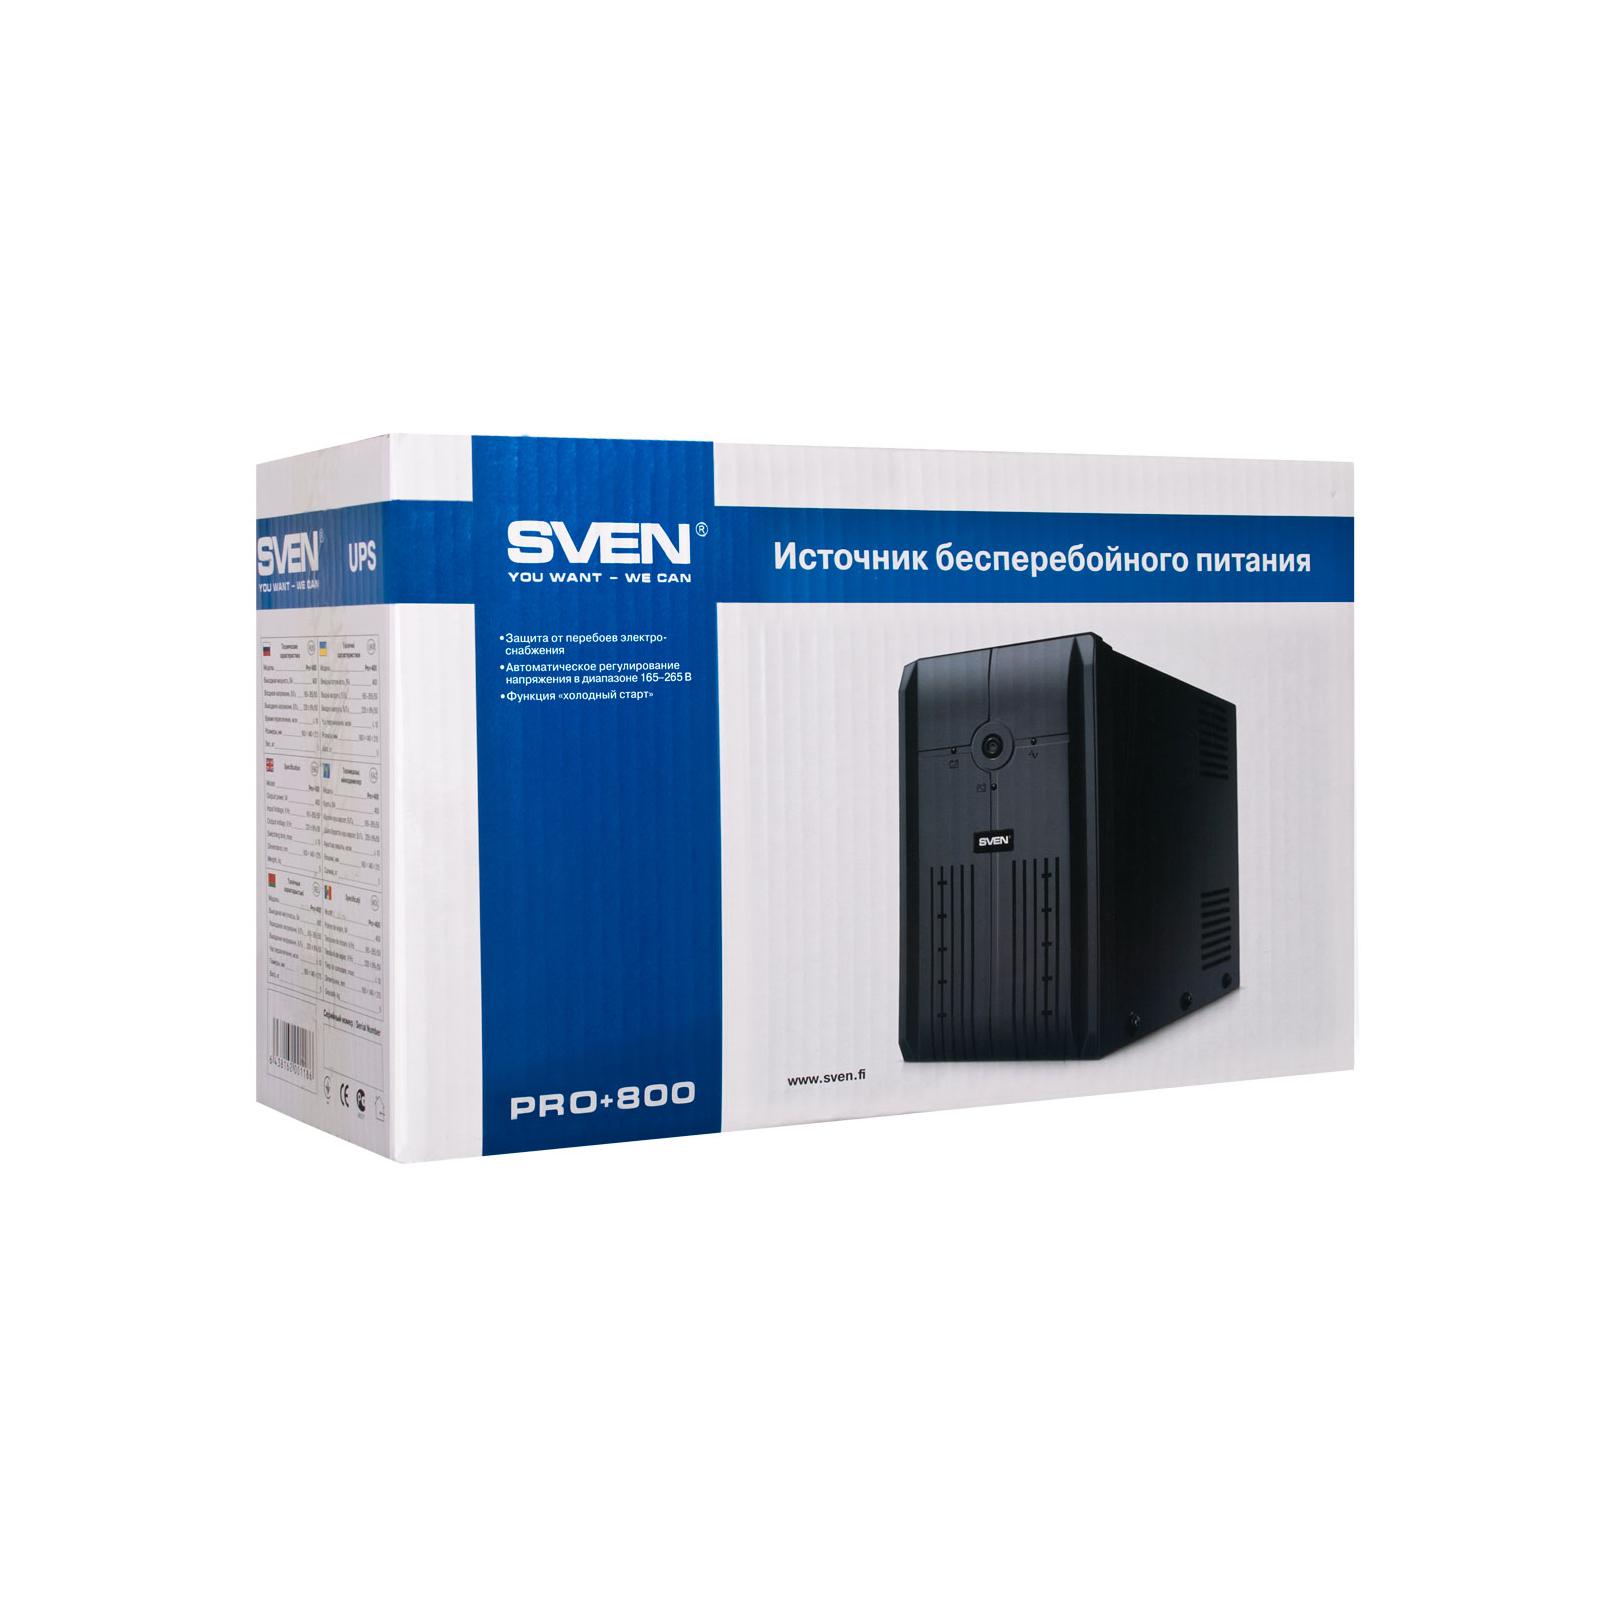 Источник бесперебойного питания SVEN Pro+ 800 USB (Pro+ 800) изображение 4